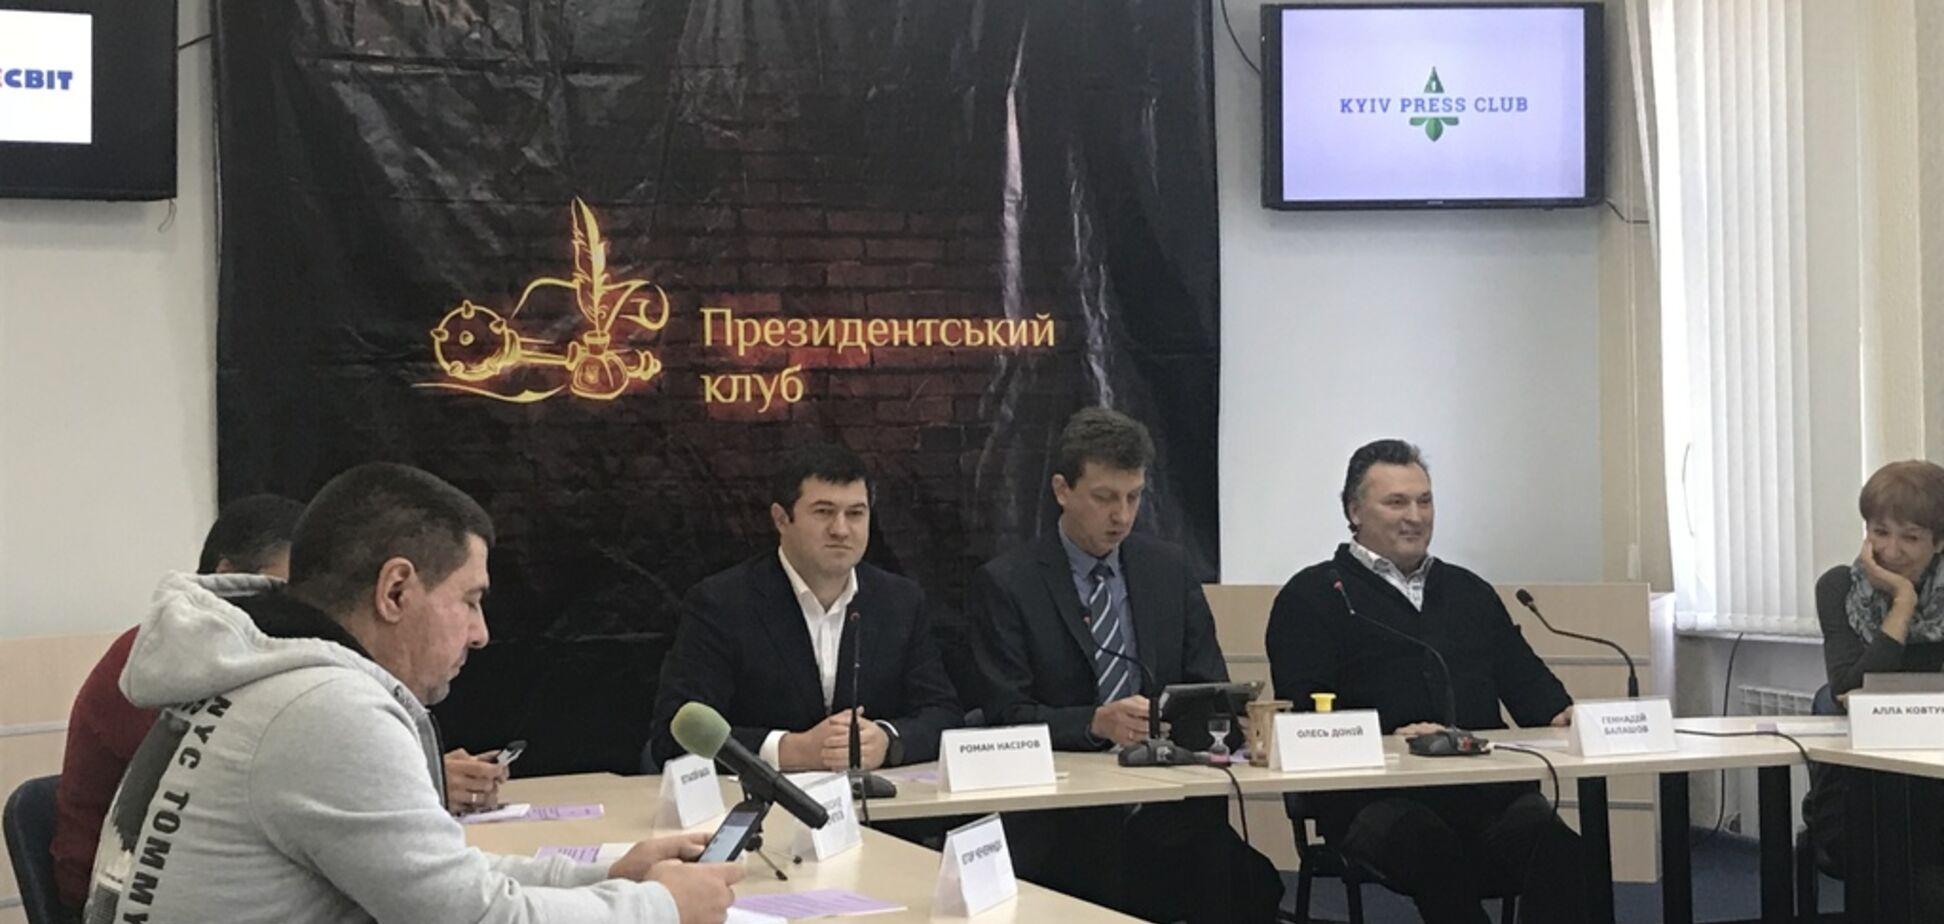 Для защиты украинского языка нужно выполнять Конституцию и законы — Насиров